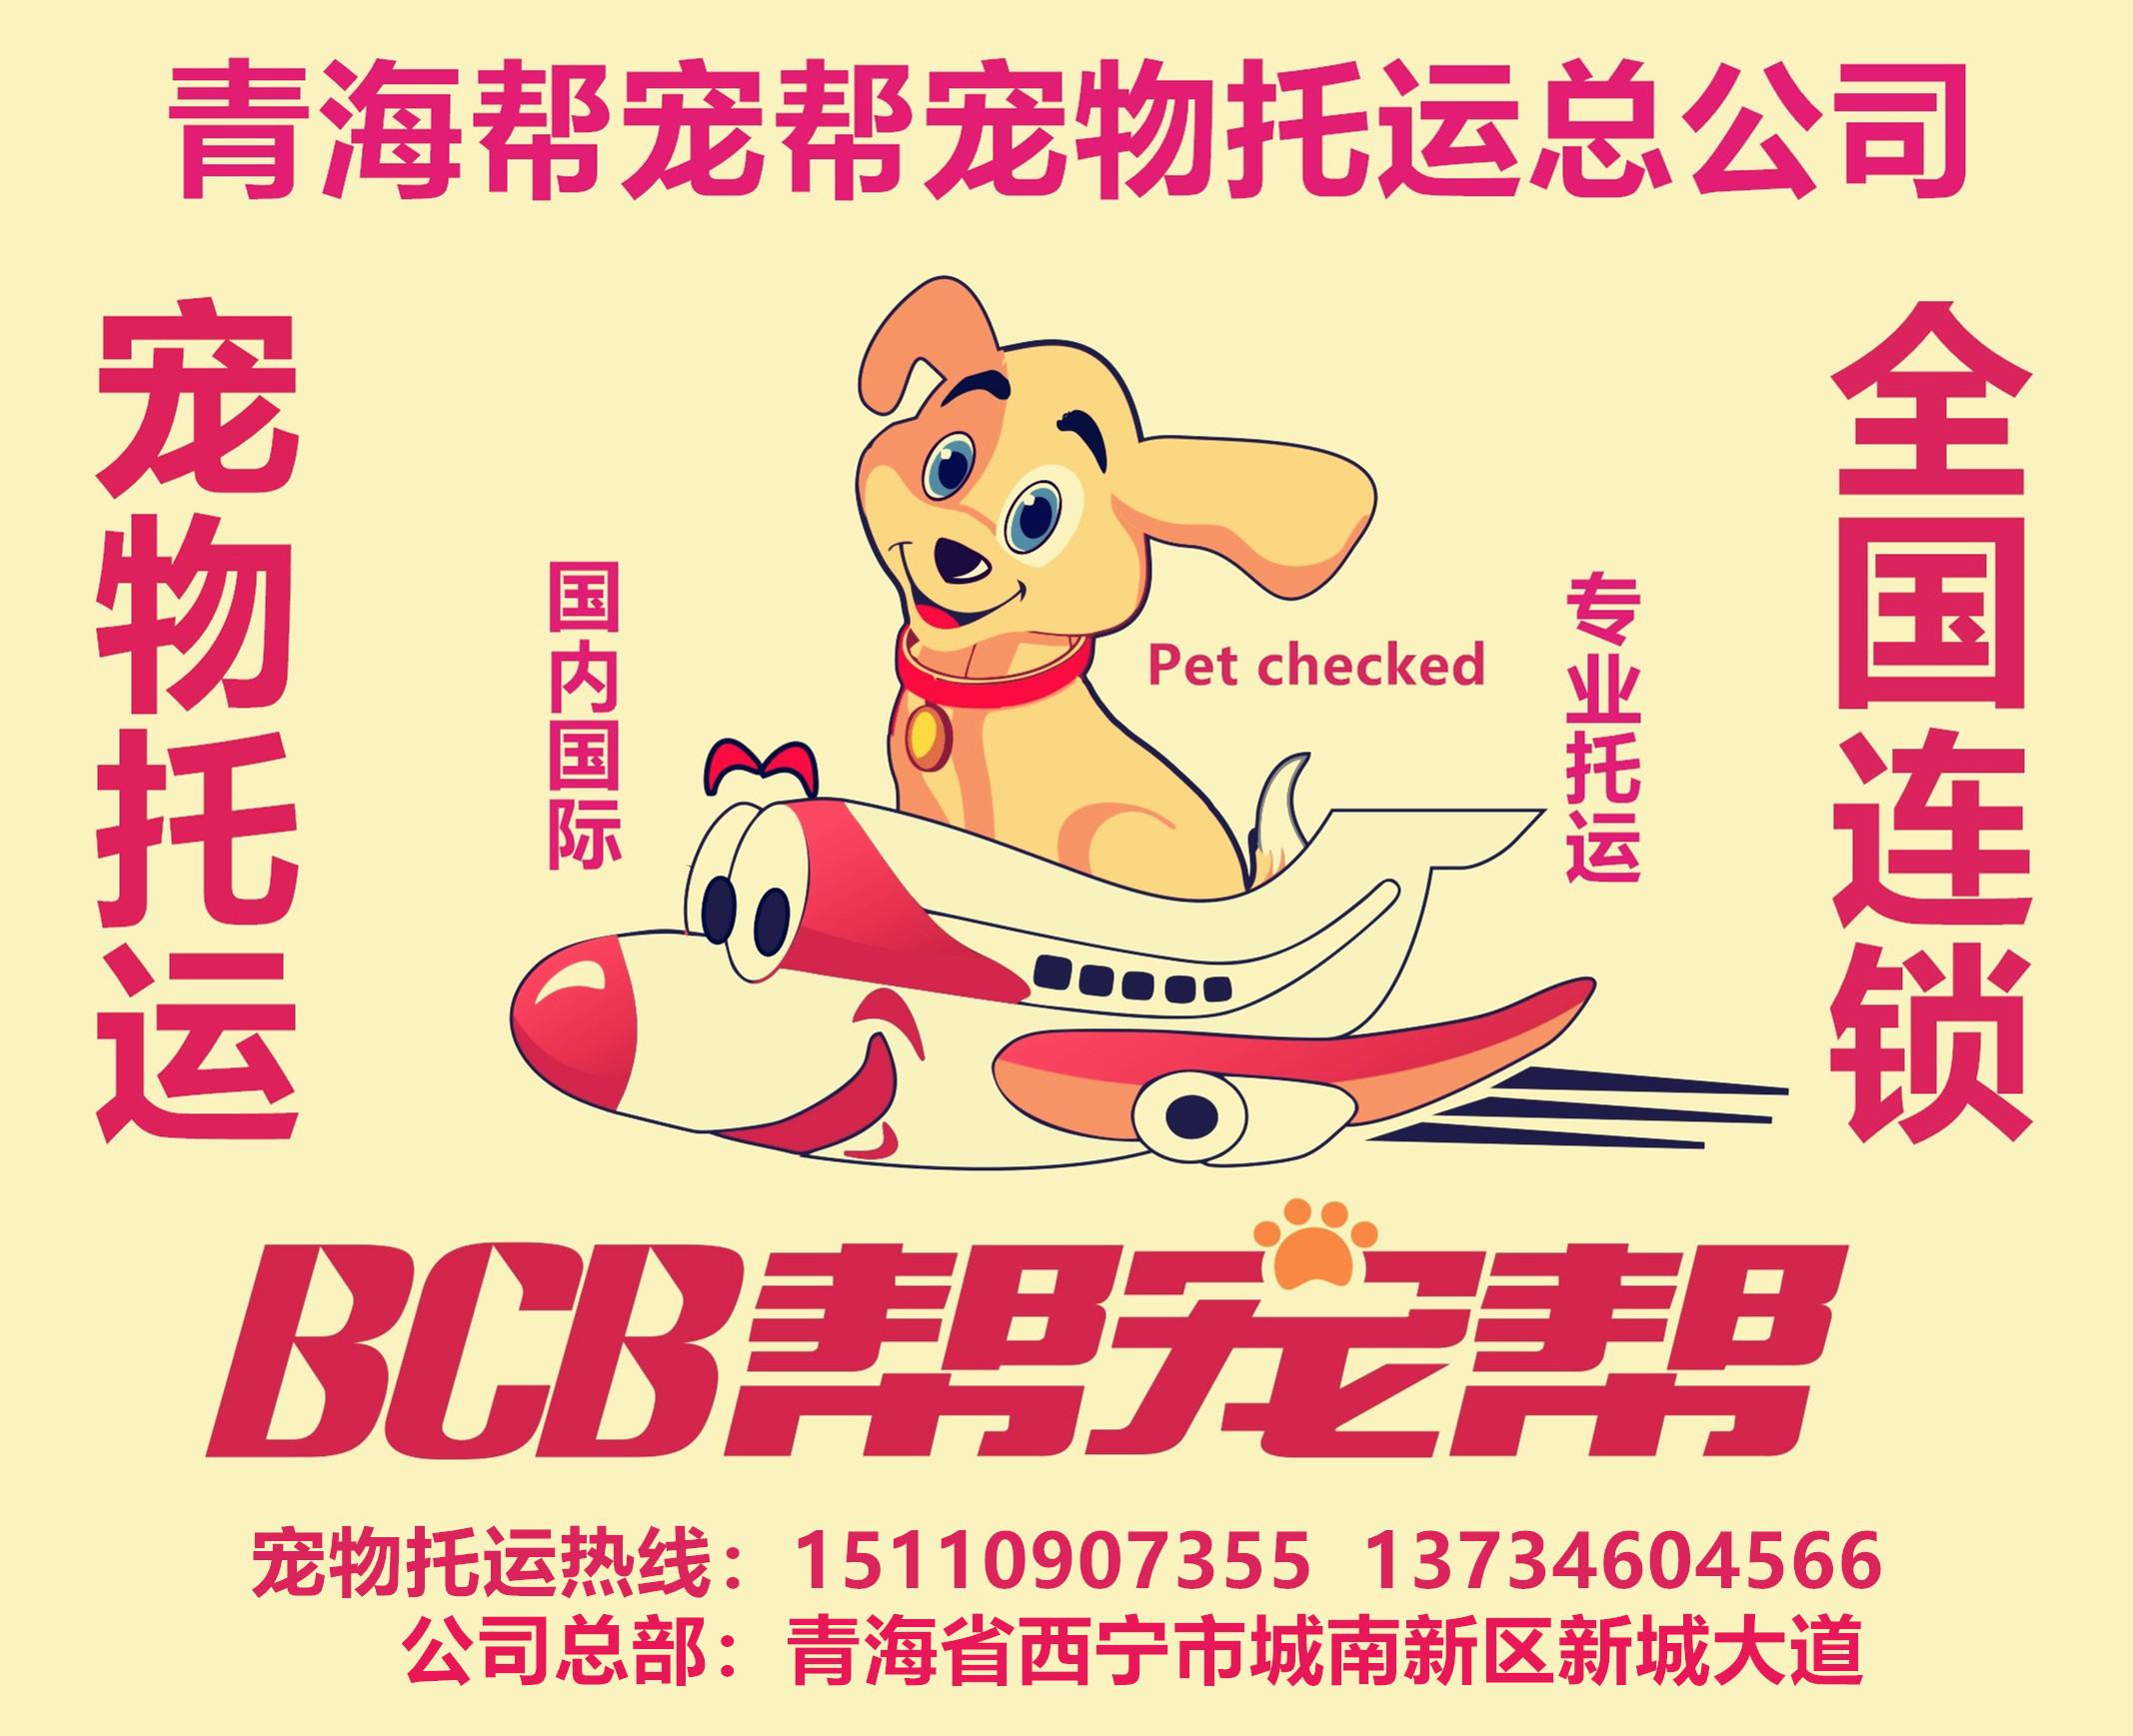 西宁帮宠帮宠物托运西宁宠物托运最早航空宠物托运